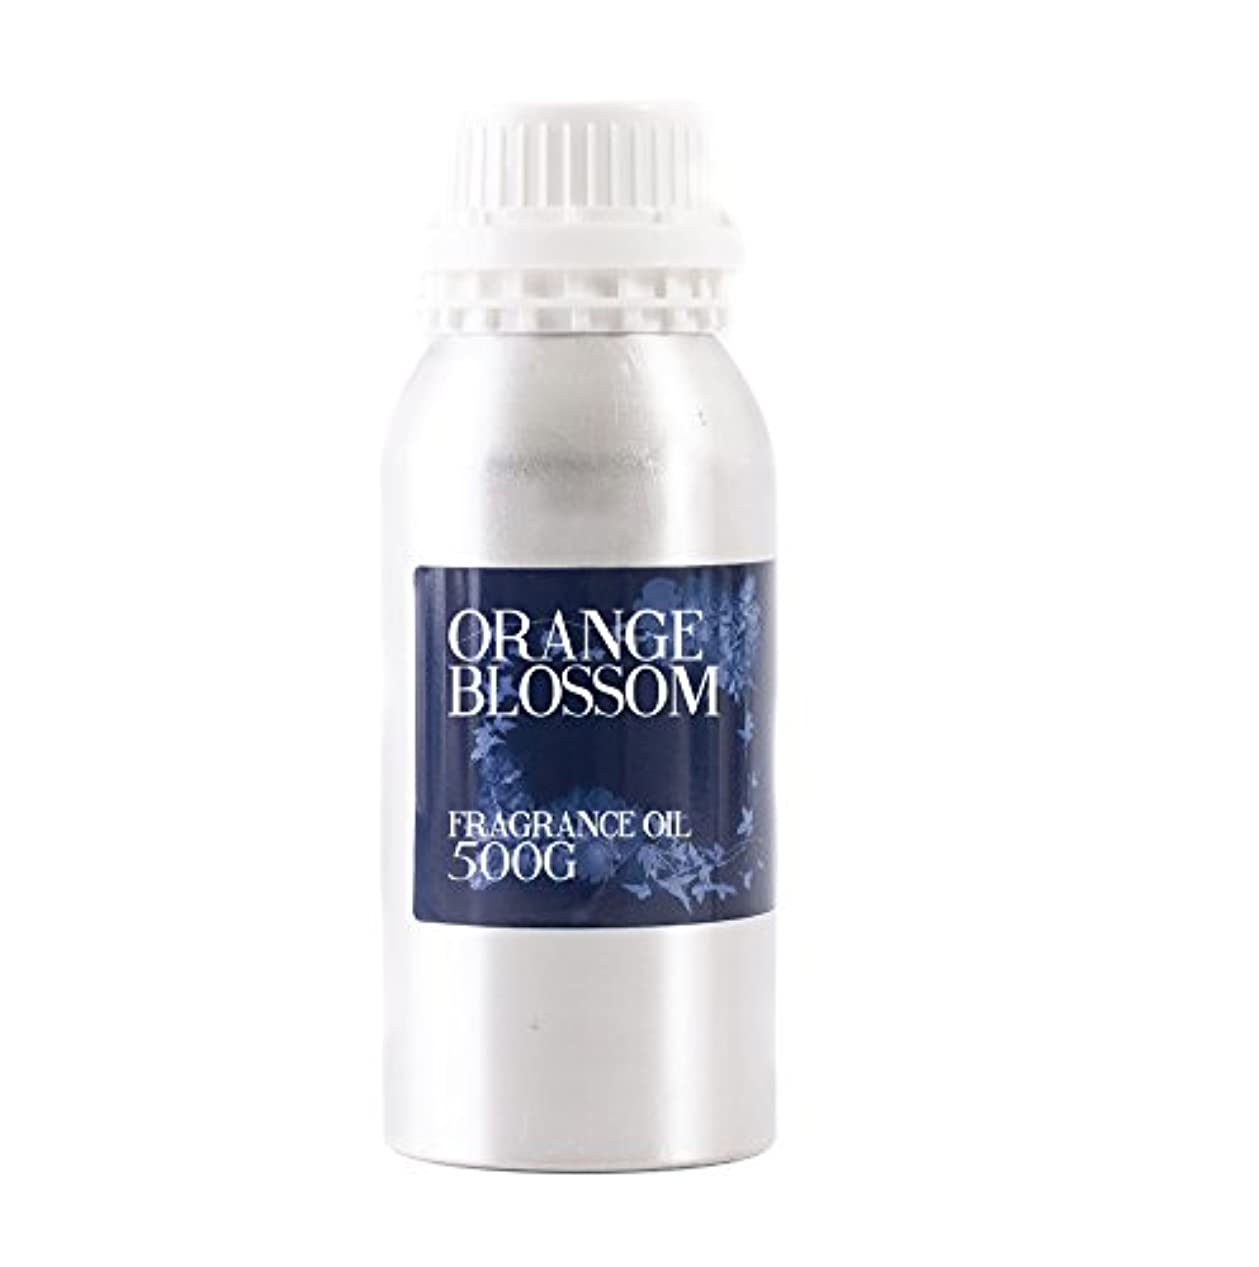 次へ落ちたコメンテーターMystic Moments | Orange Blossom Fragrance Oil - 500g